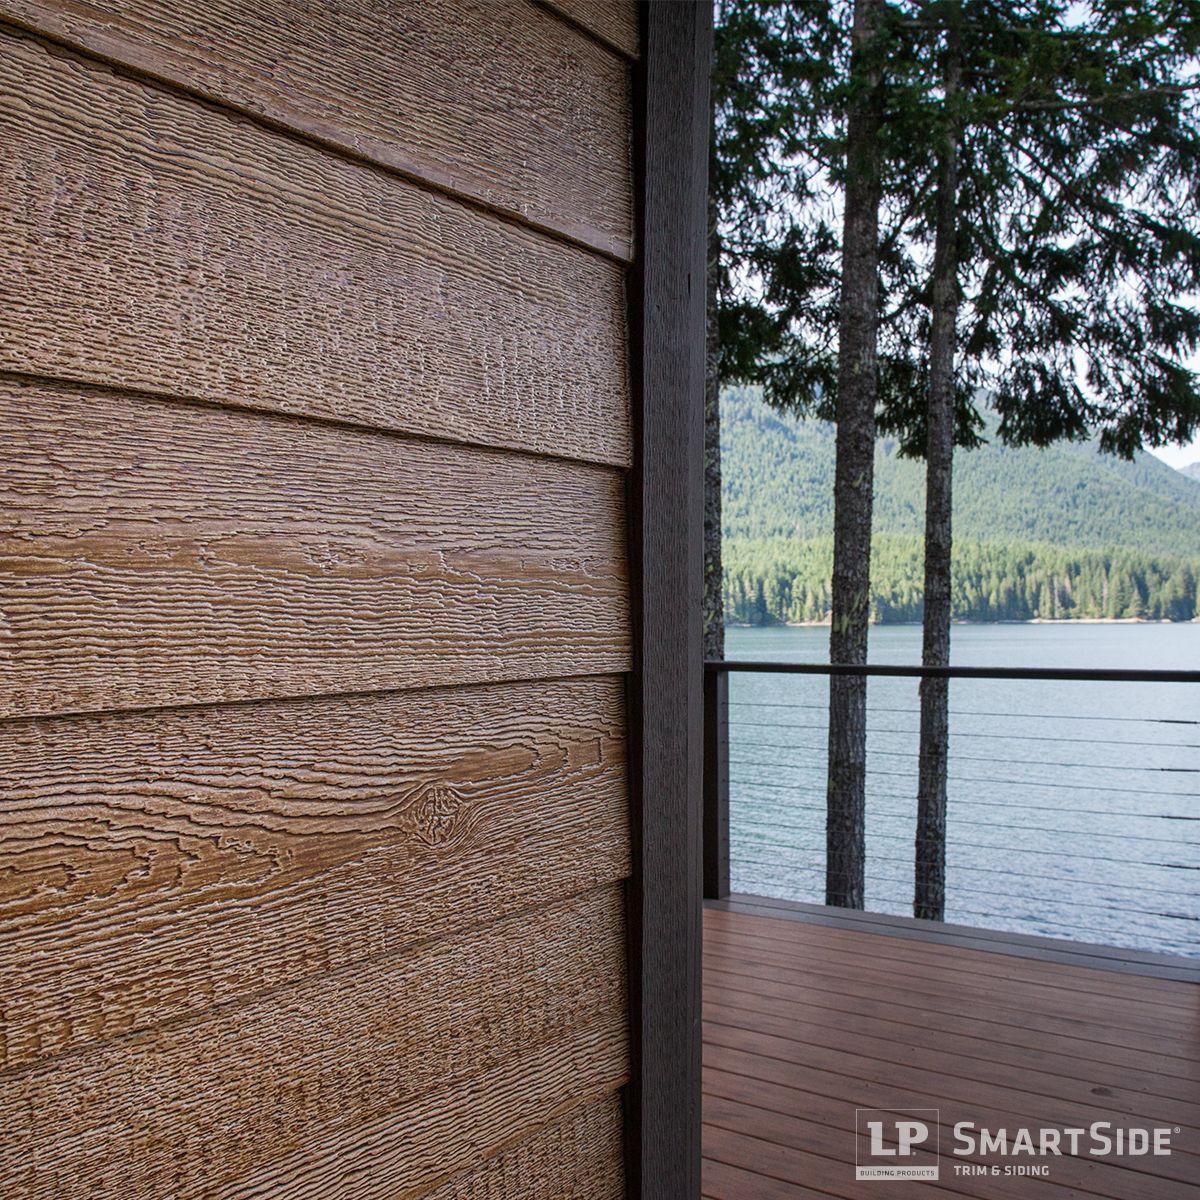 Take A Good Close Look At The Rich Cedar Grain Of The LP